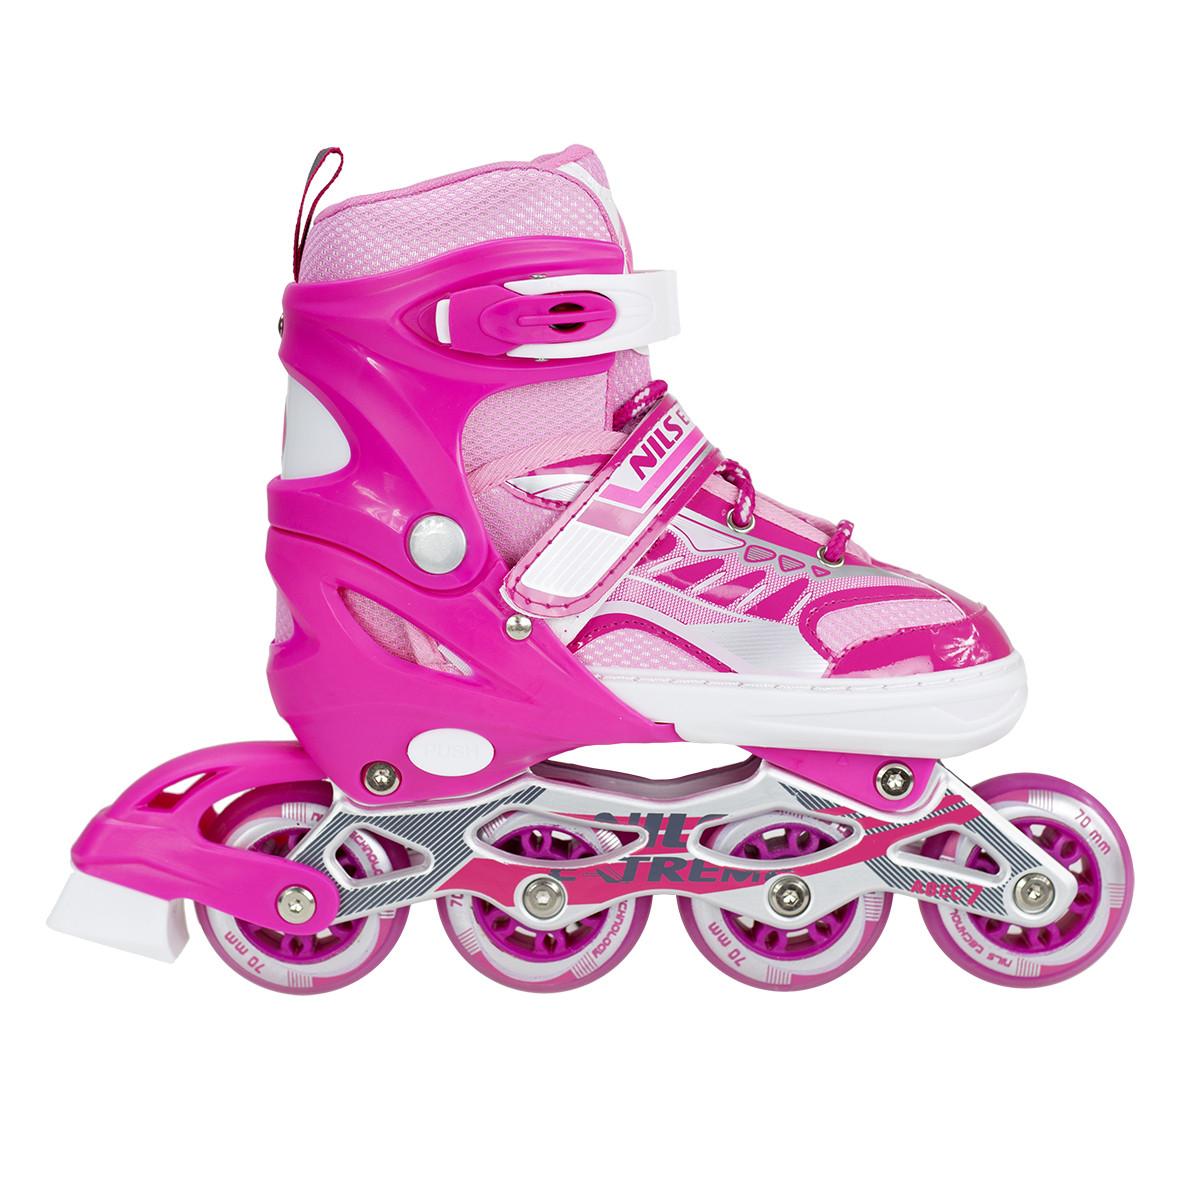 Роликовые коньки Nils Extreme NJ1828A Size 31-34 Pink